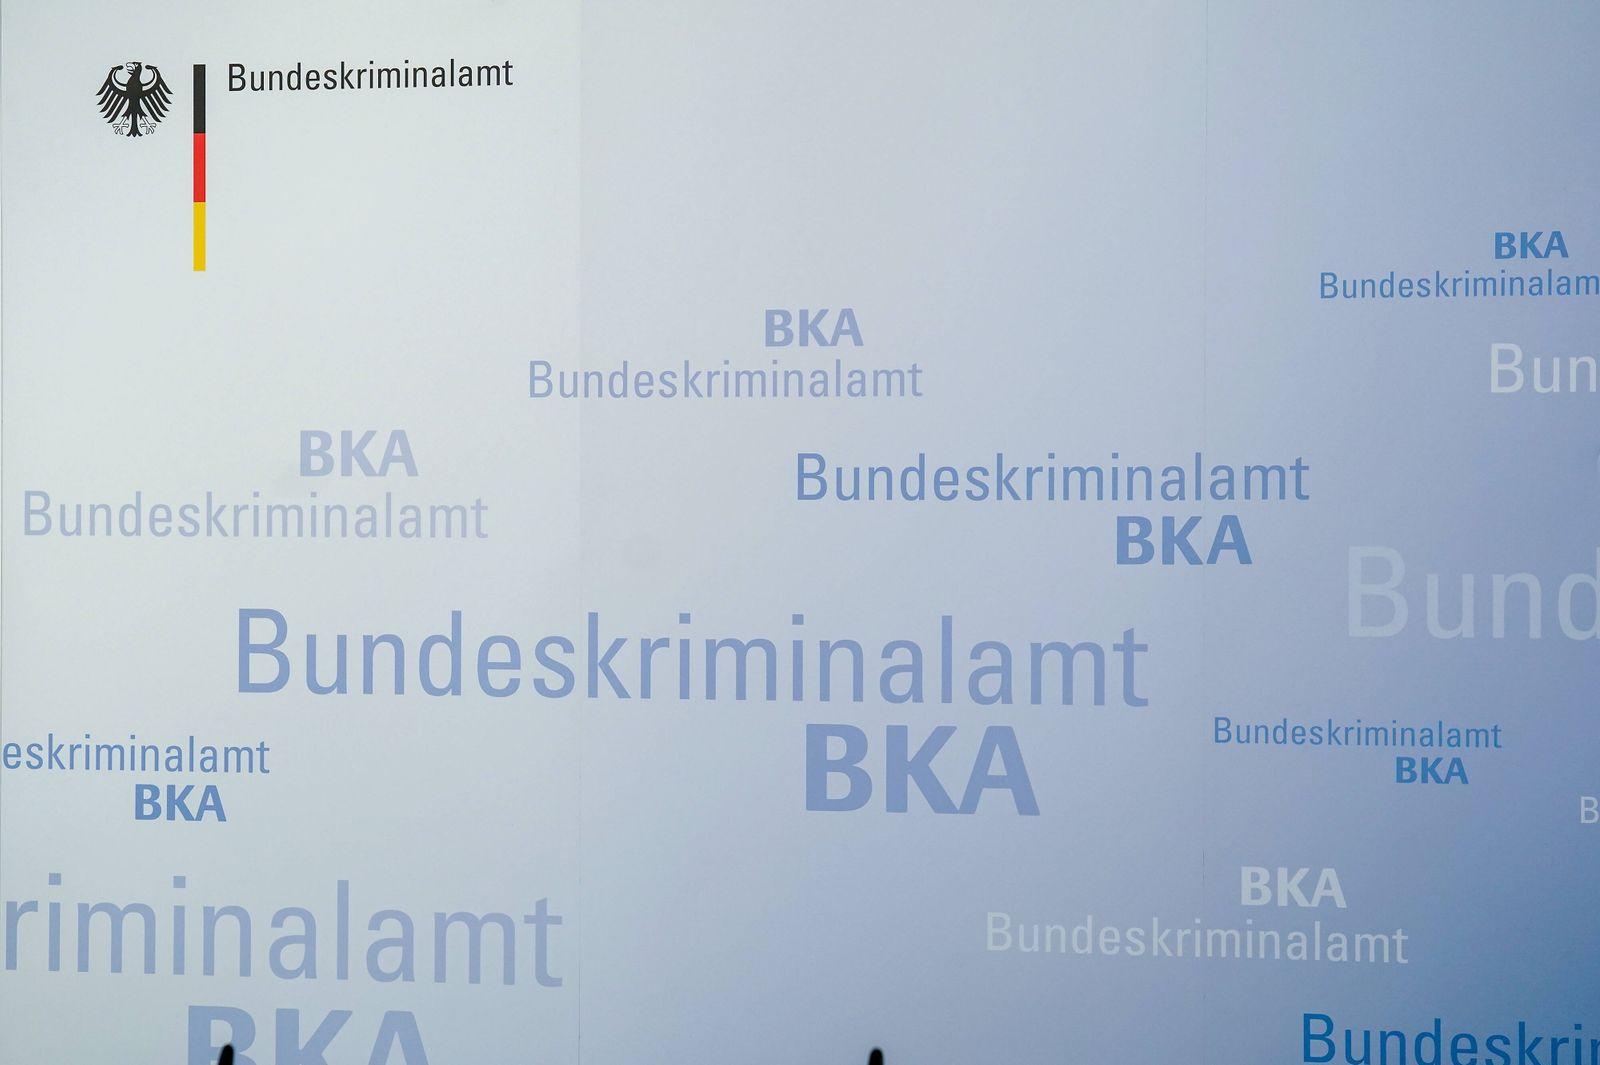 Pressekonferenz BKA 28.10.2019,Wiesbaden: Presserückwand mit Logos und Aufschrift BKA, Bundeskriminalamt, Symbolbild, I